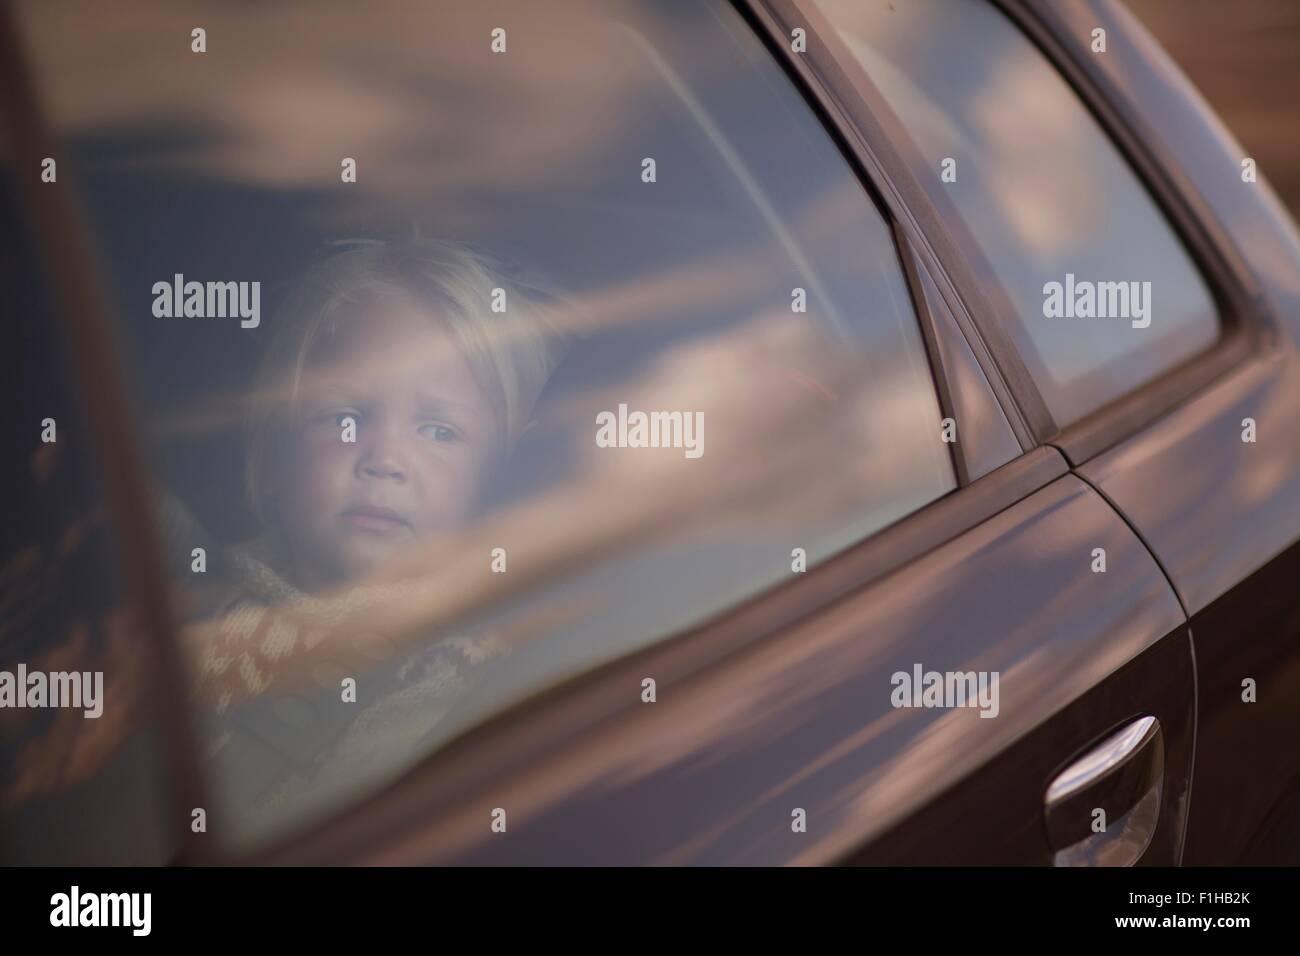 Garçon à la fenêtre de la voiture intermédiaire Photo Stock